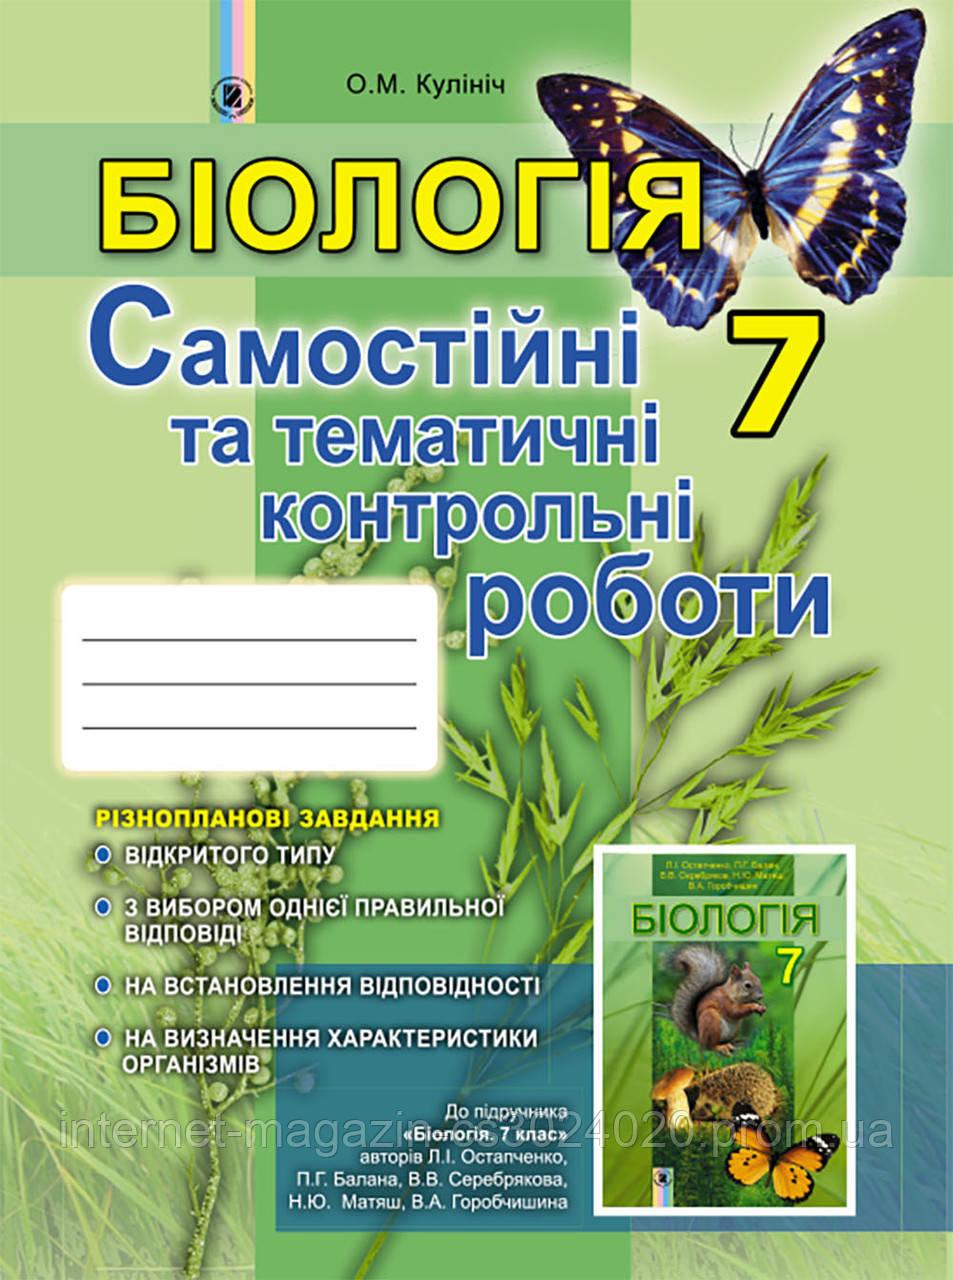 Біологія 7 клас. Зошит для самостійних та тематичних контрольних робіт. Кулініч О. М.